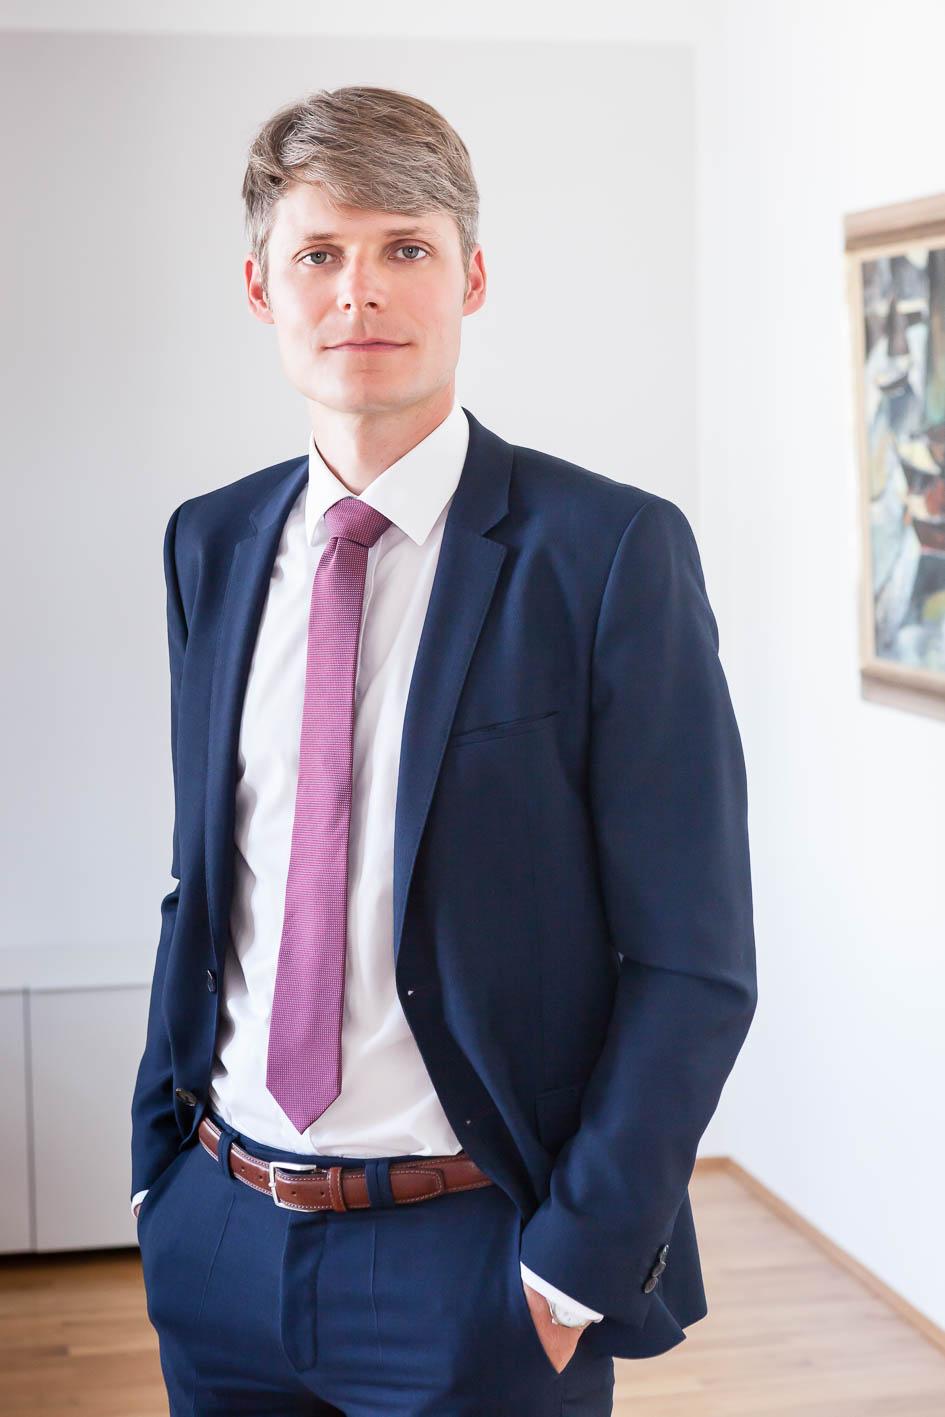 Rechtsanwalt Torsten Nölling